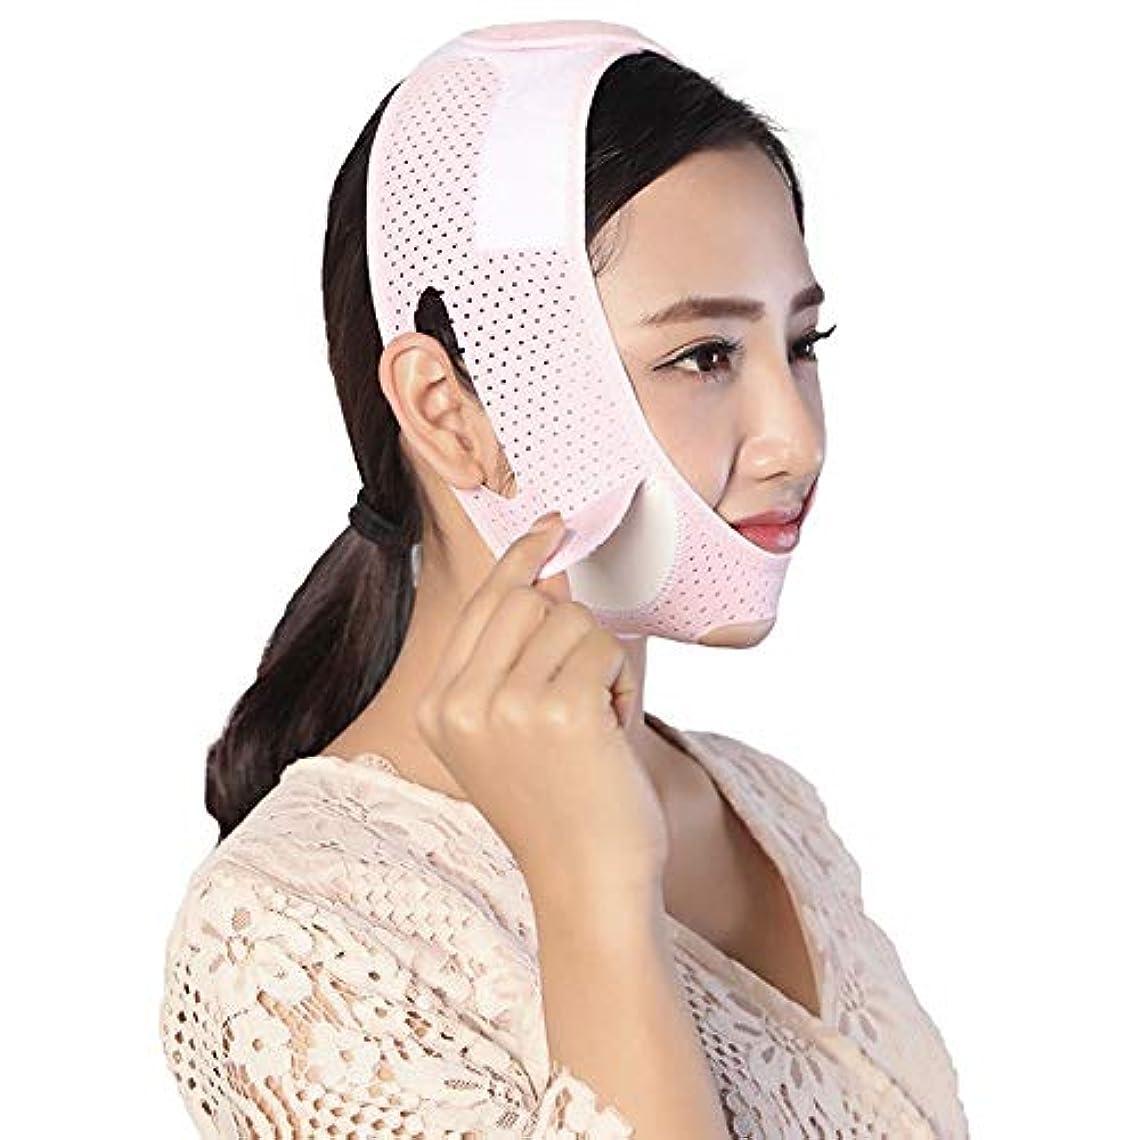 ランチ改修深遠BS フェイシャルリフティング痩身ベルト - 圧縮二重あご減量ベルトスキンケア薄い顔包帯 フェイスリフティングアーティファクト